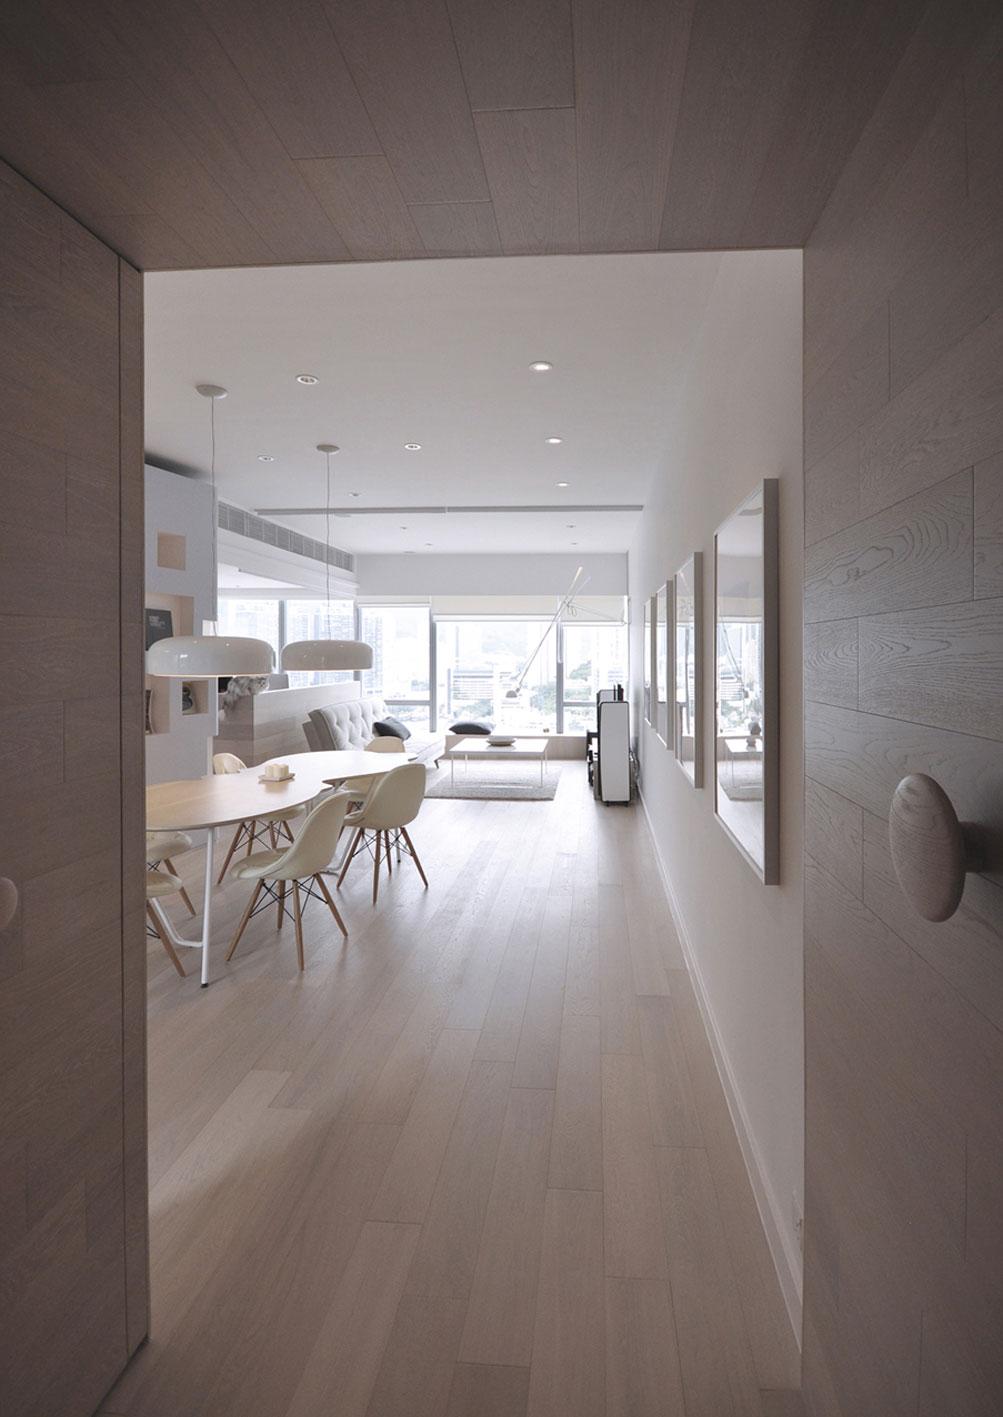 北欧简约风格一居室装修入户走道